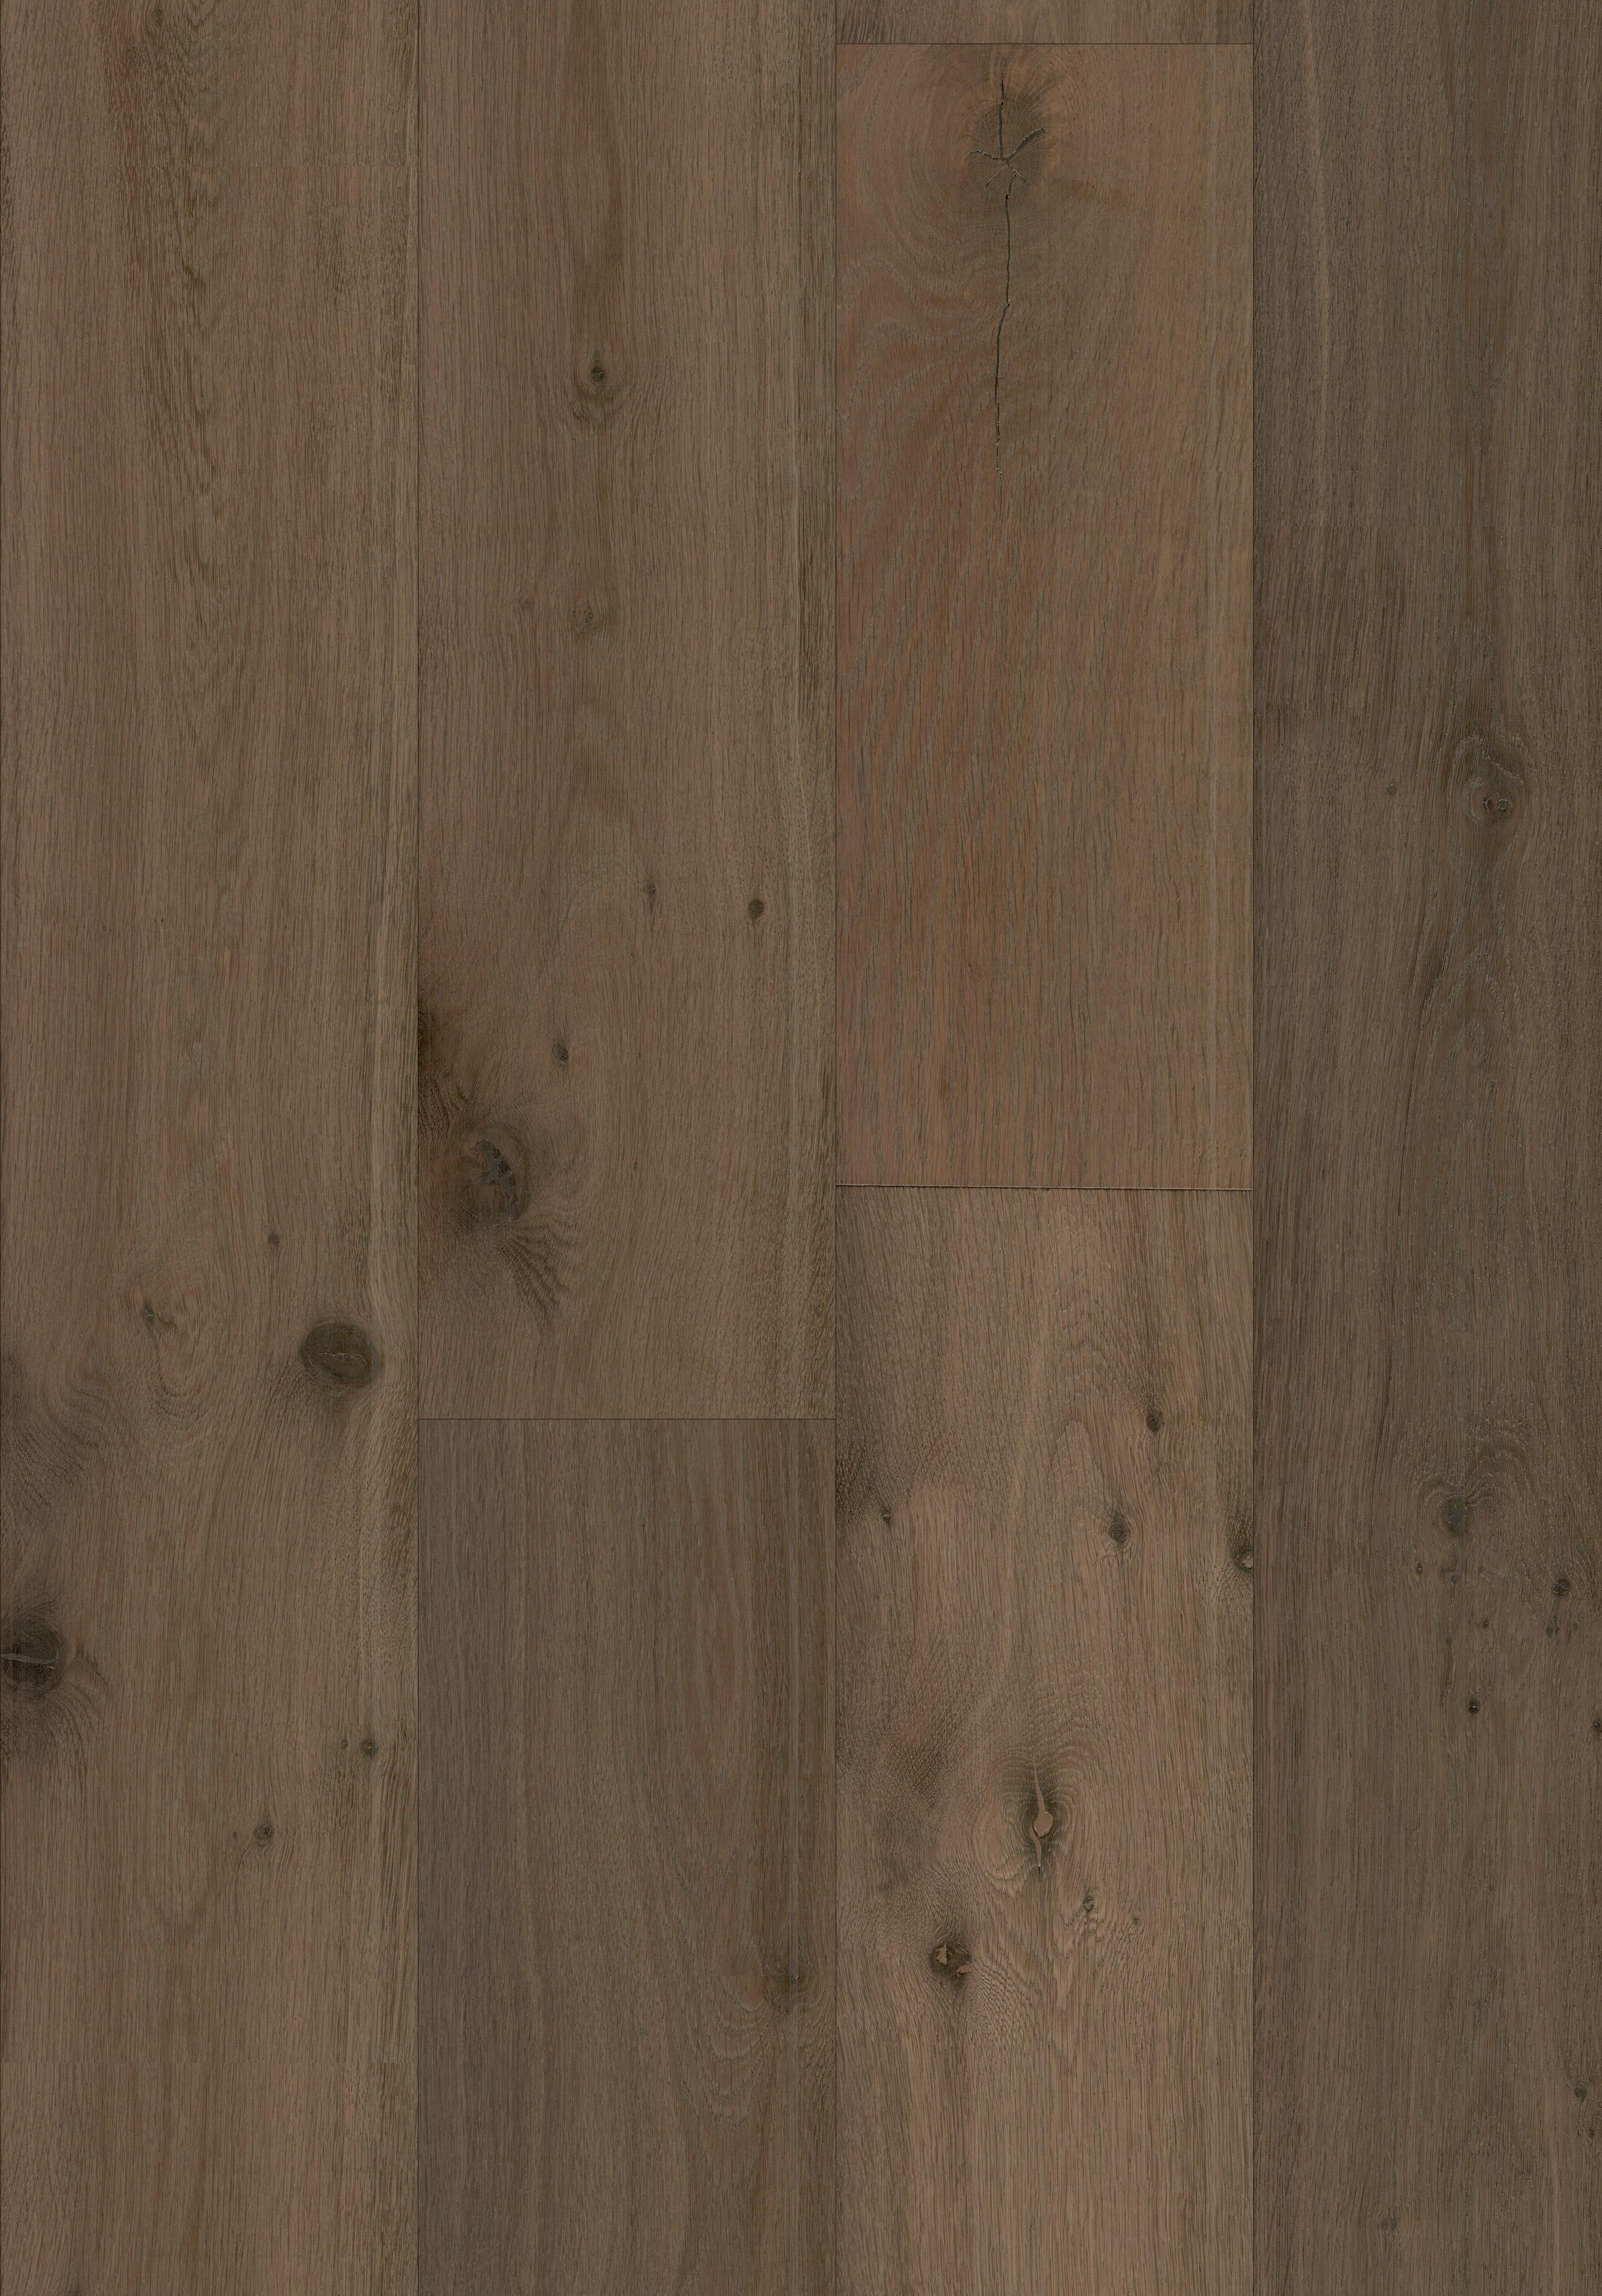 UR-1048 Smoked Brown